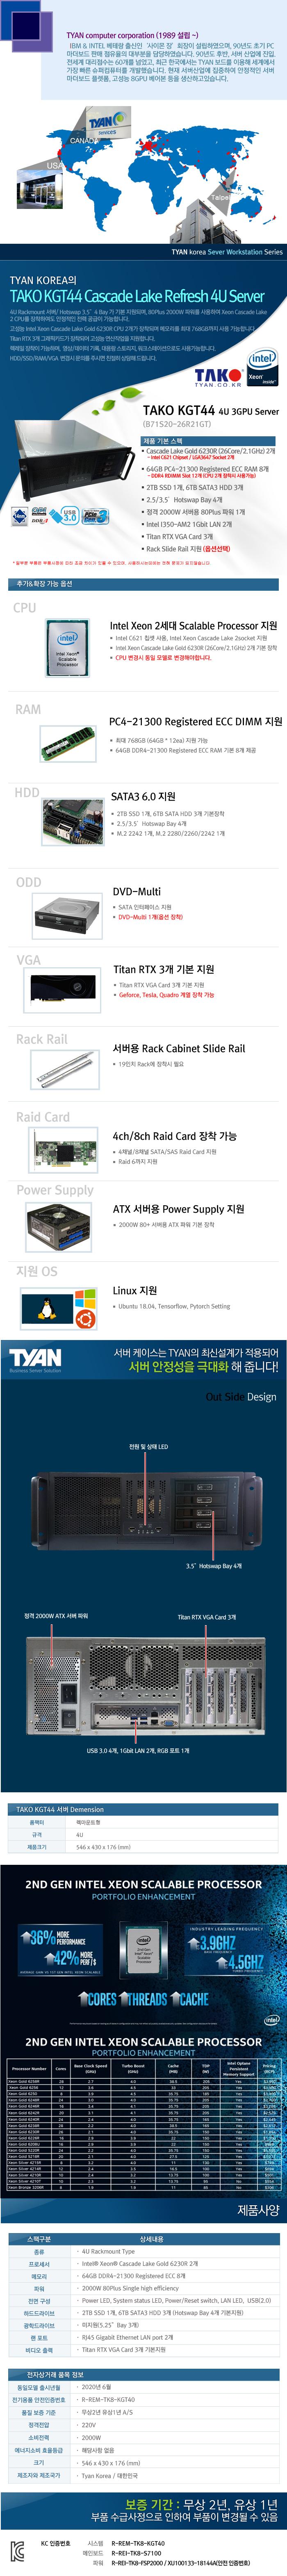 TYAN TAKO-KGT44-(B71S20-26R21GT) 3GPU (512GB, SSD 2TB + 18TB)